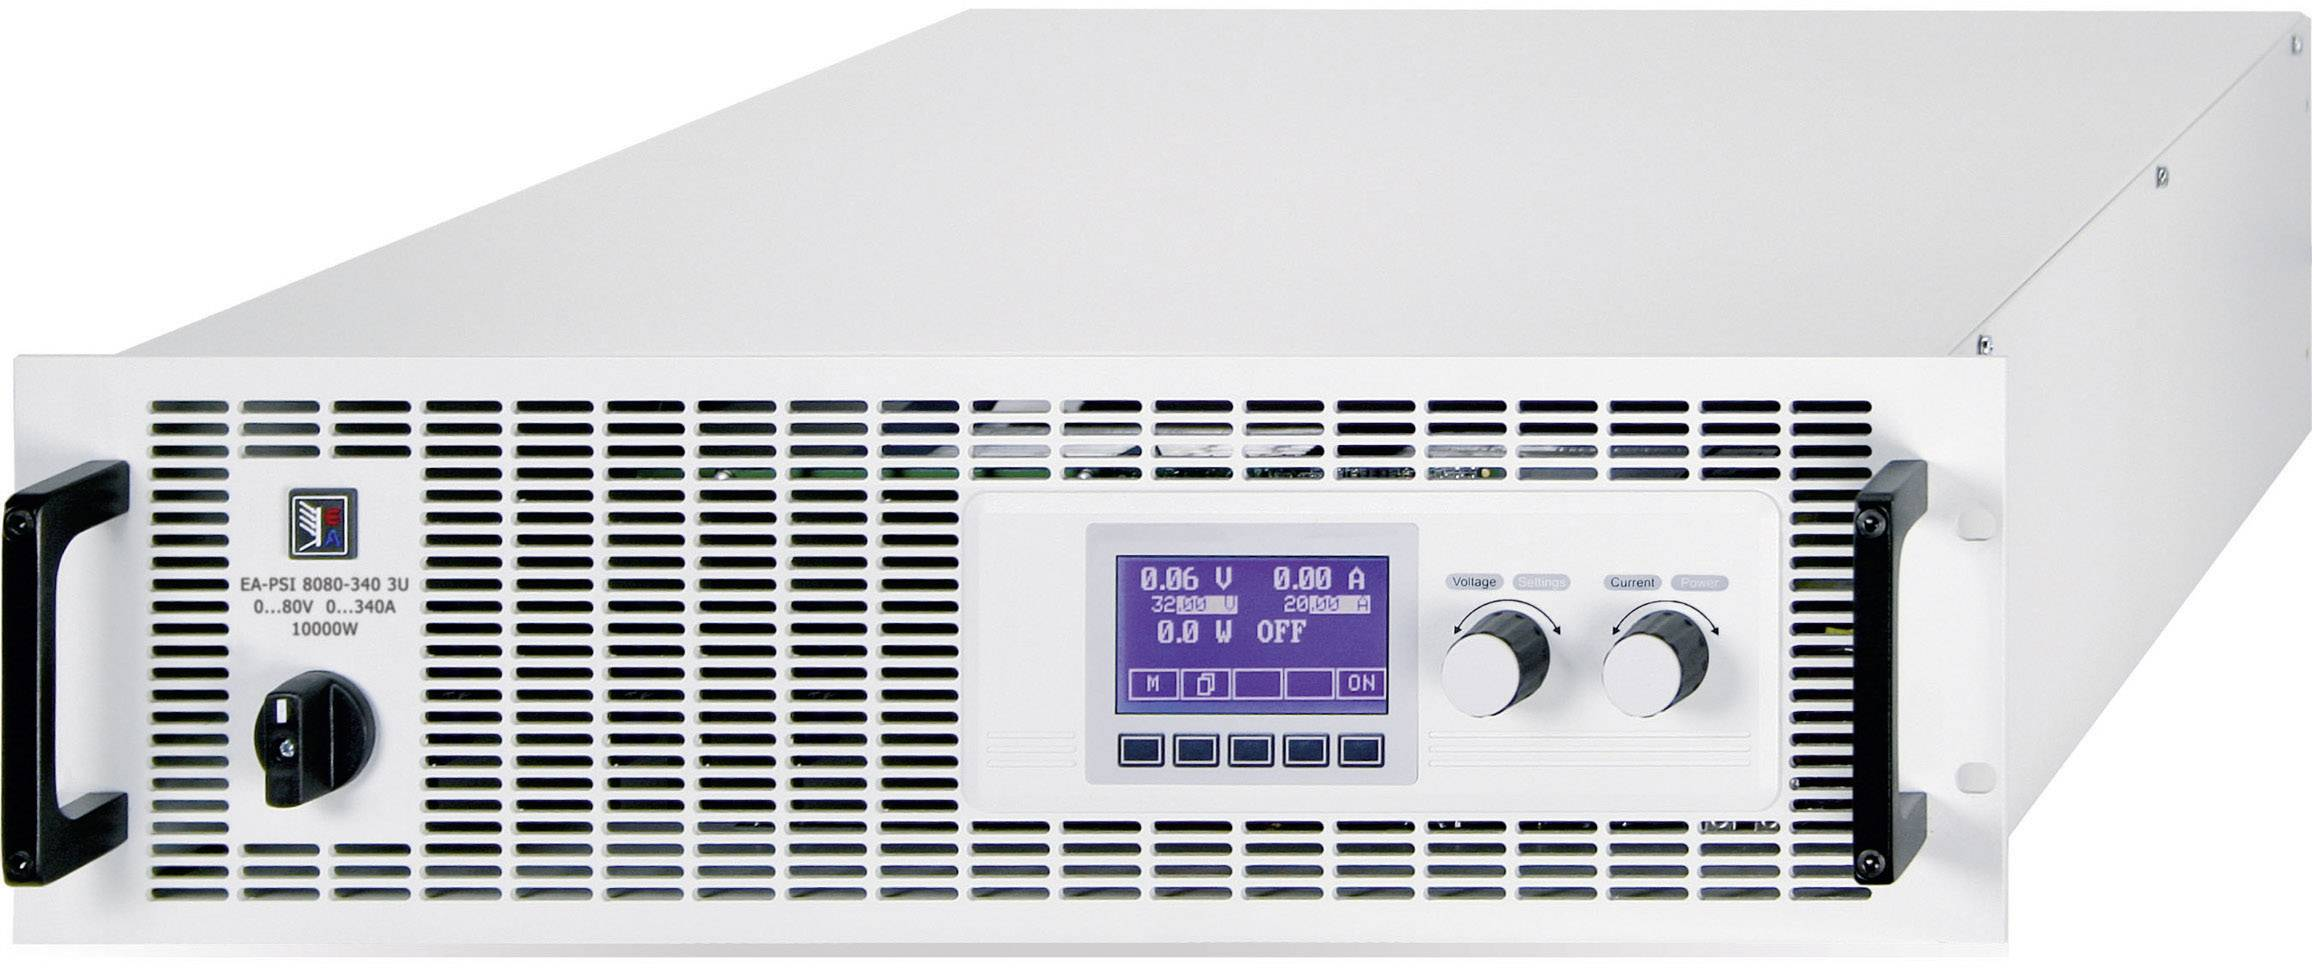 """19"""" laboratórny zdroj s nastaviteľným napätím EA Elektro-Automatik EA-PSI 8080-340 3U, 0 - 80 V/DC, 0 - 340 A"""